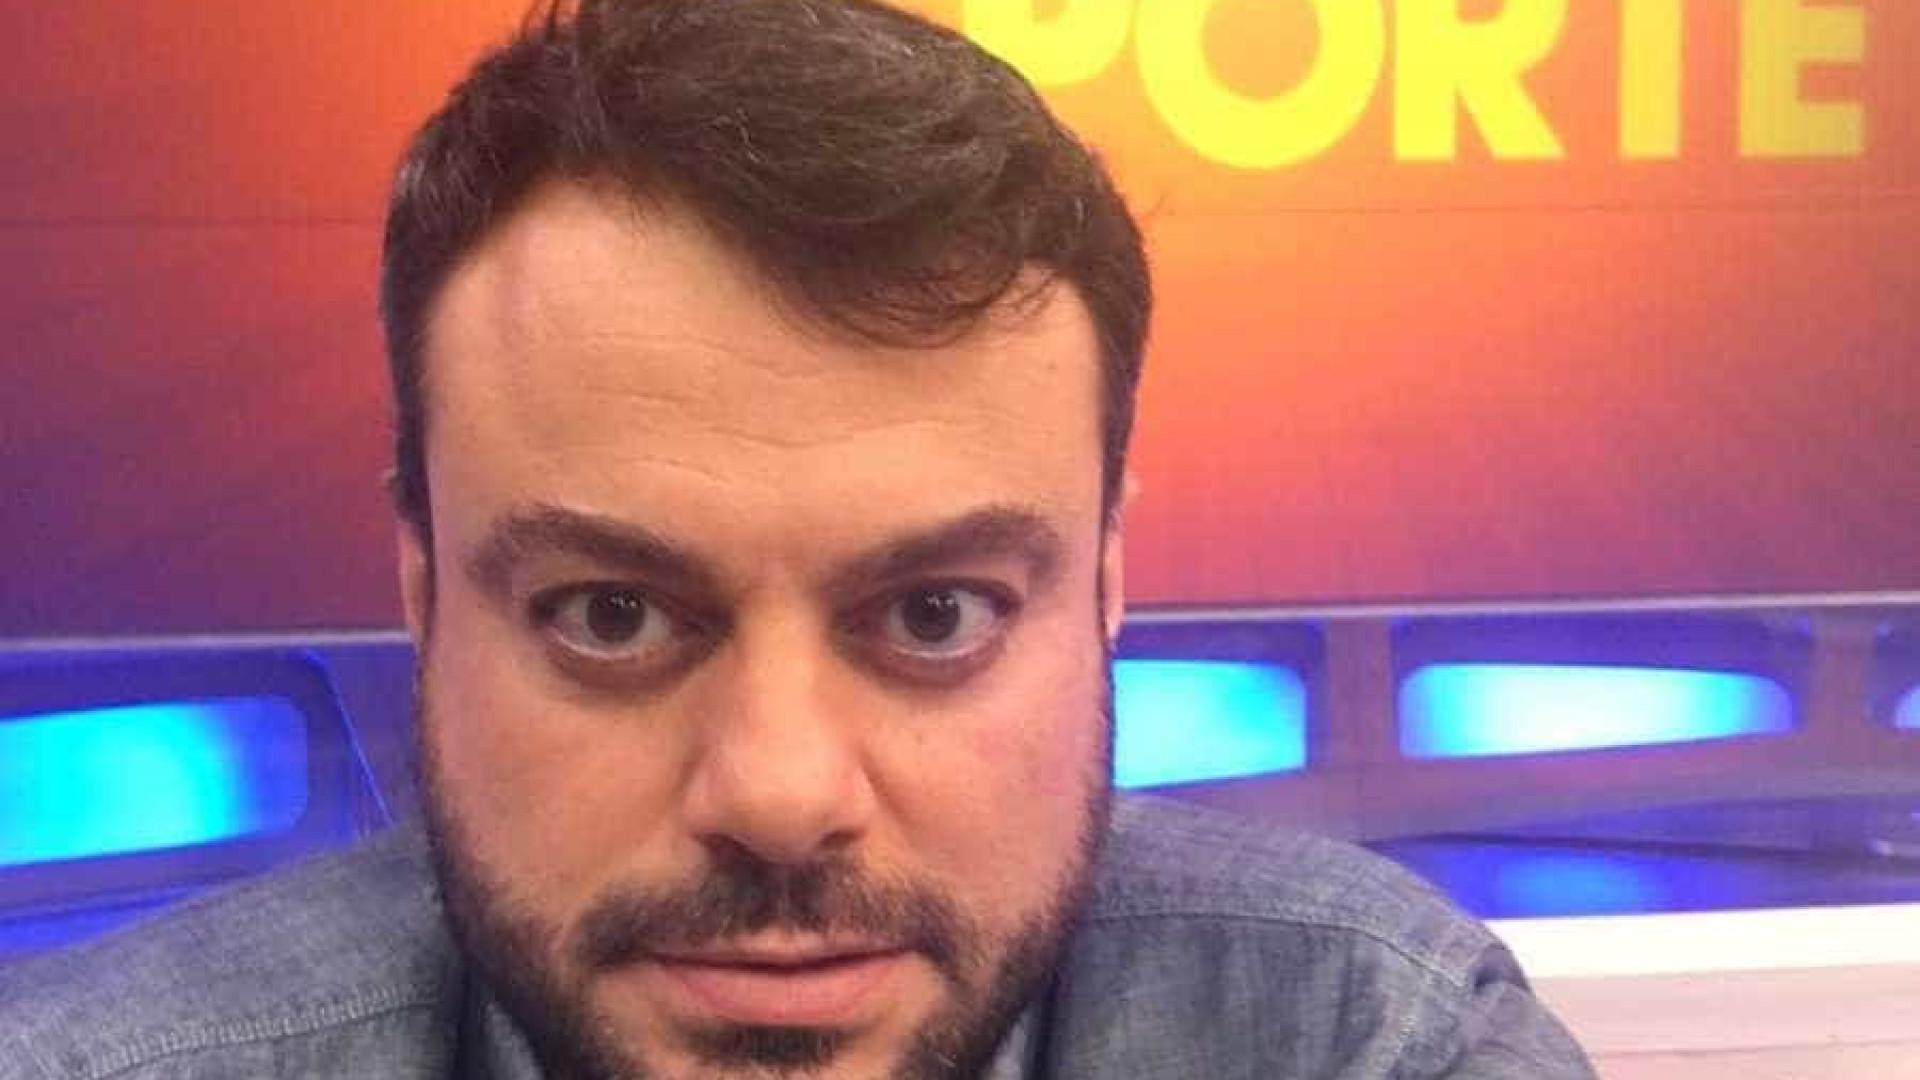 Repórter da Globo ataca canal de TV: 'São profissionais mesmo?'